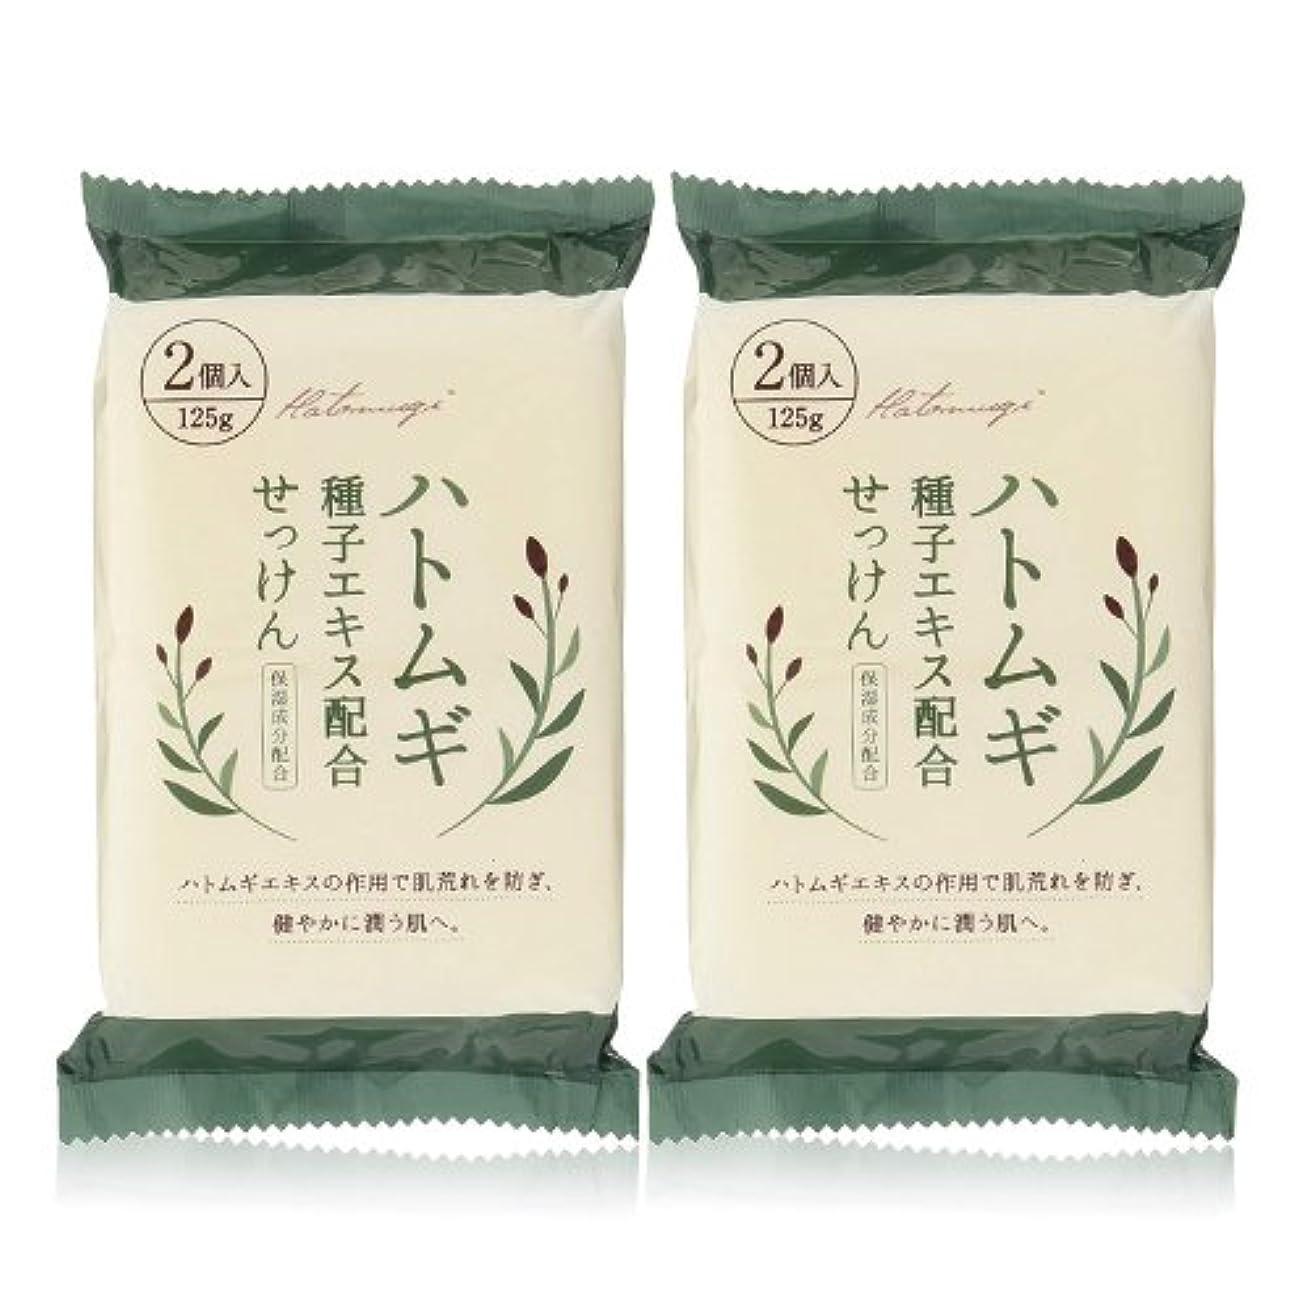 下不透明な避難ハトムギ種子エキス配合石けん 125g(2コ入)×2個セット(計4個)